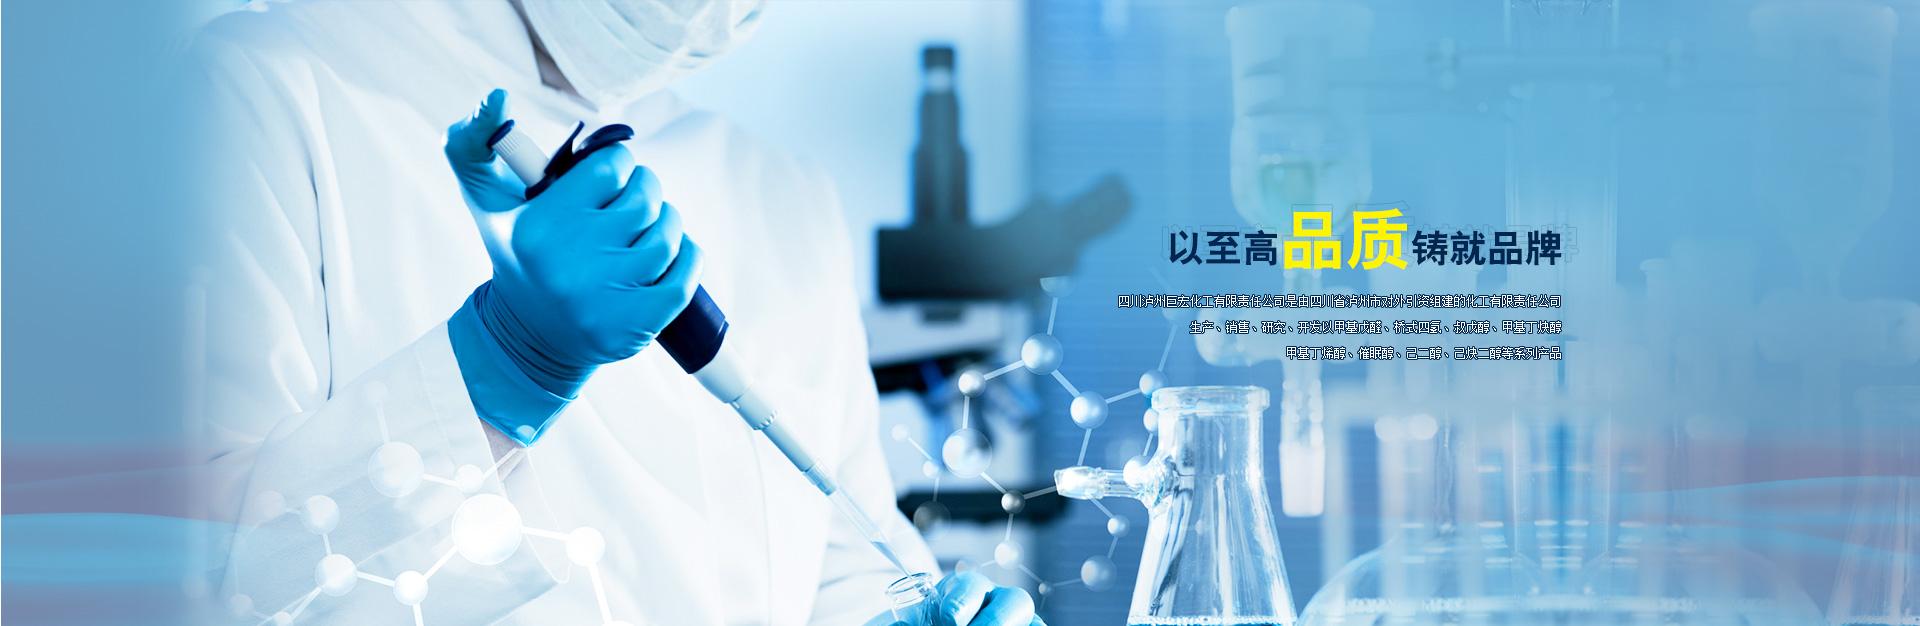 甲基戊炔醇